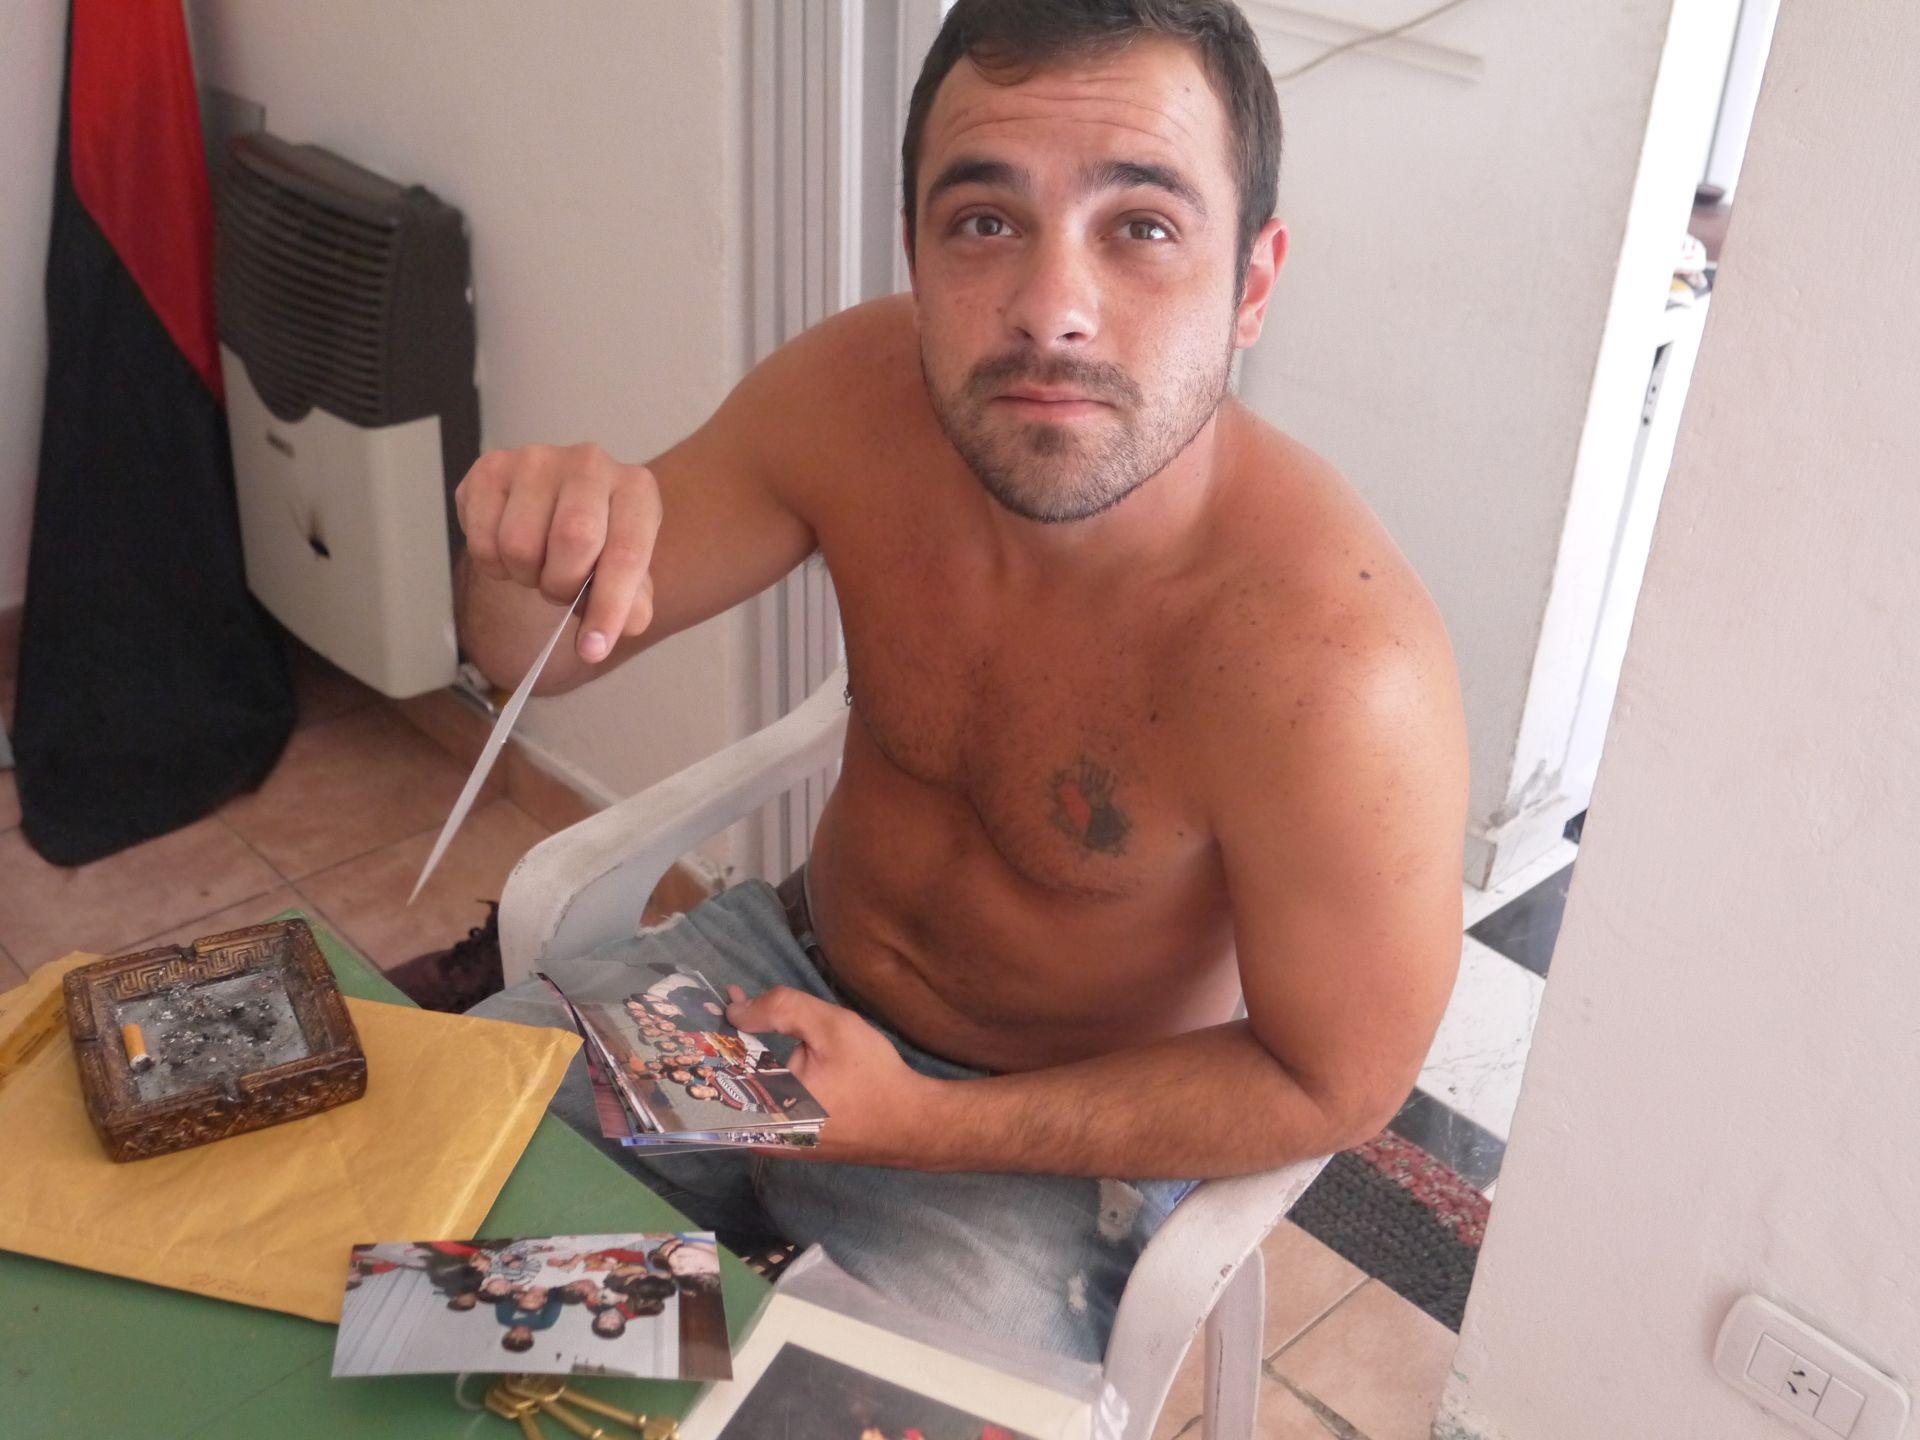 Agustin, kolega Messiego z dzieciństwa, pokazuje wspólne zdjęcia z Leo (fot. Intoamericas.com)